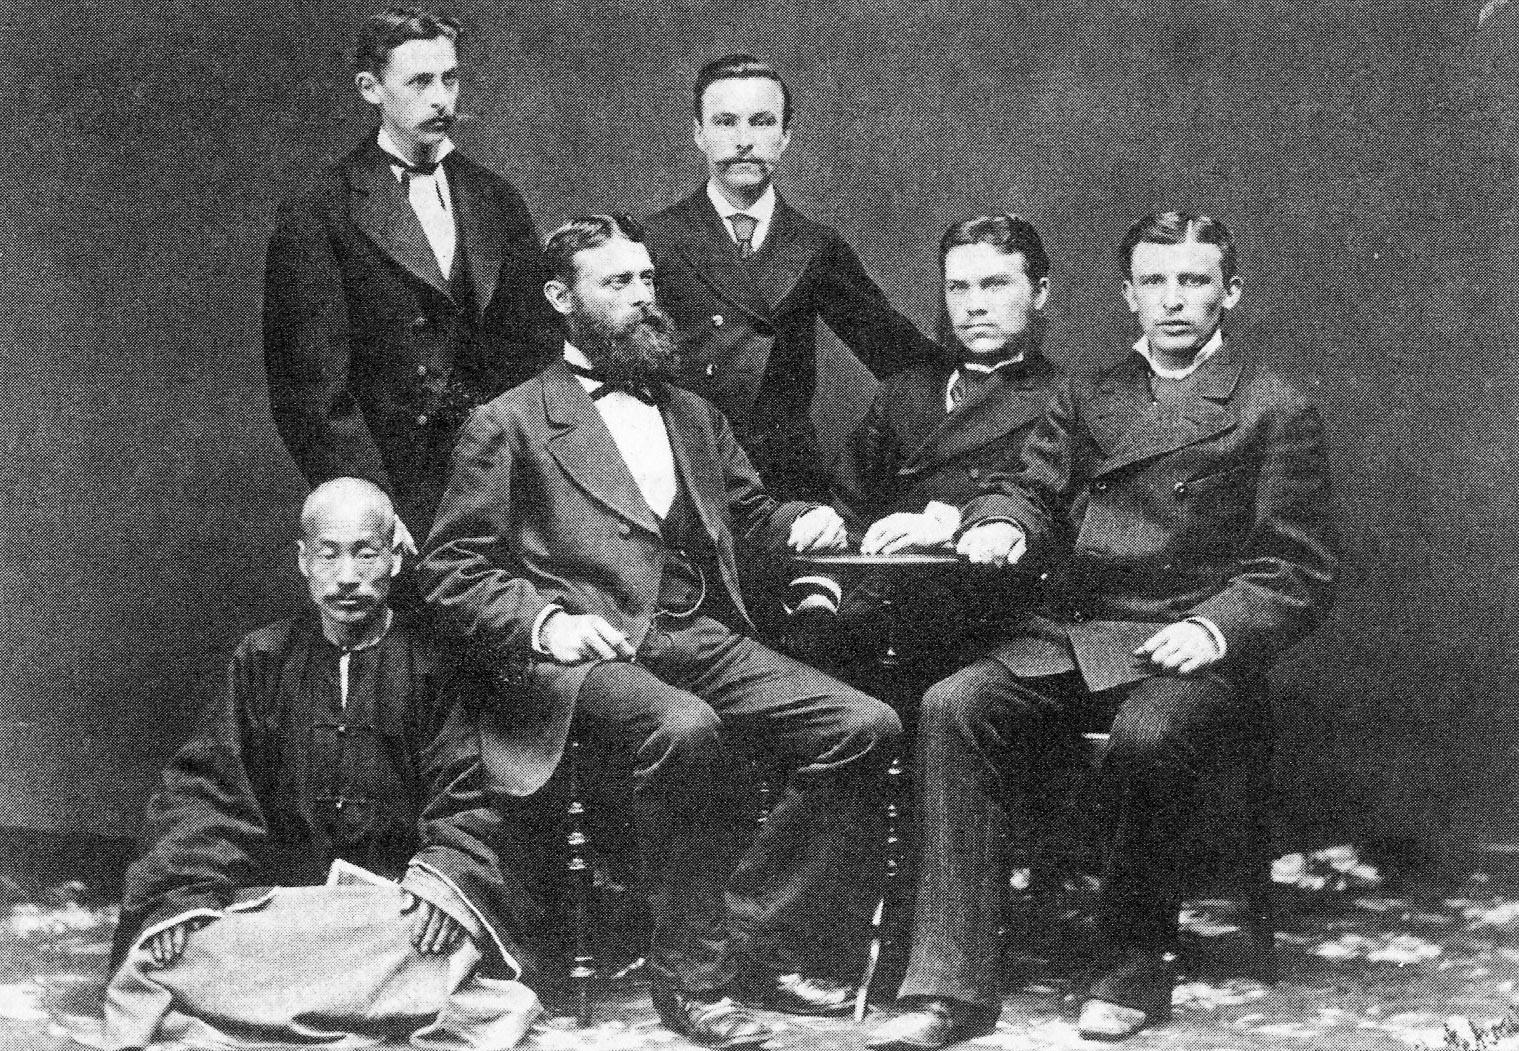 I due Gustav, con Adolf Dattan e altri partner